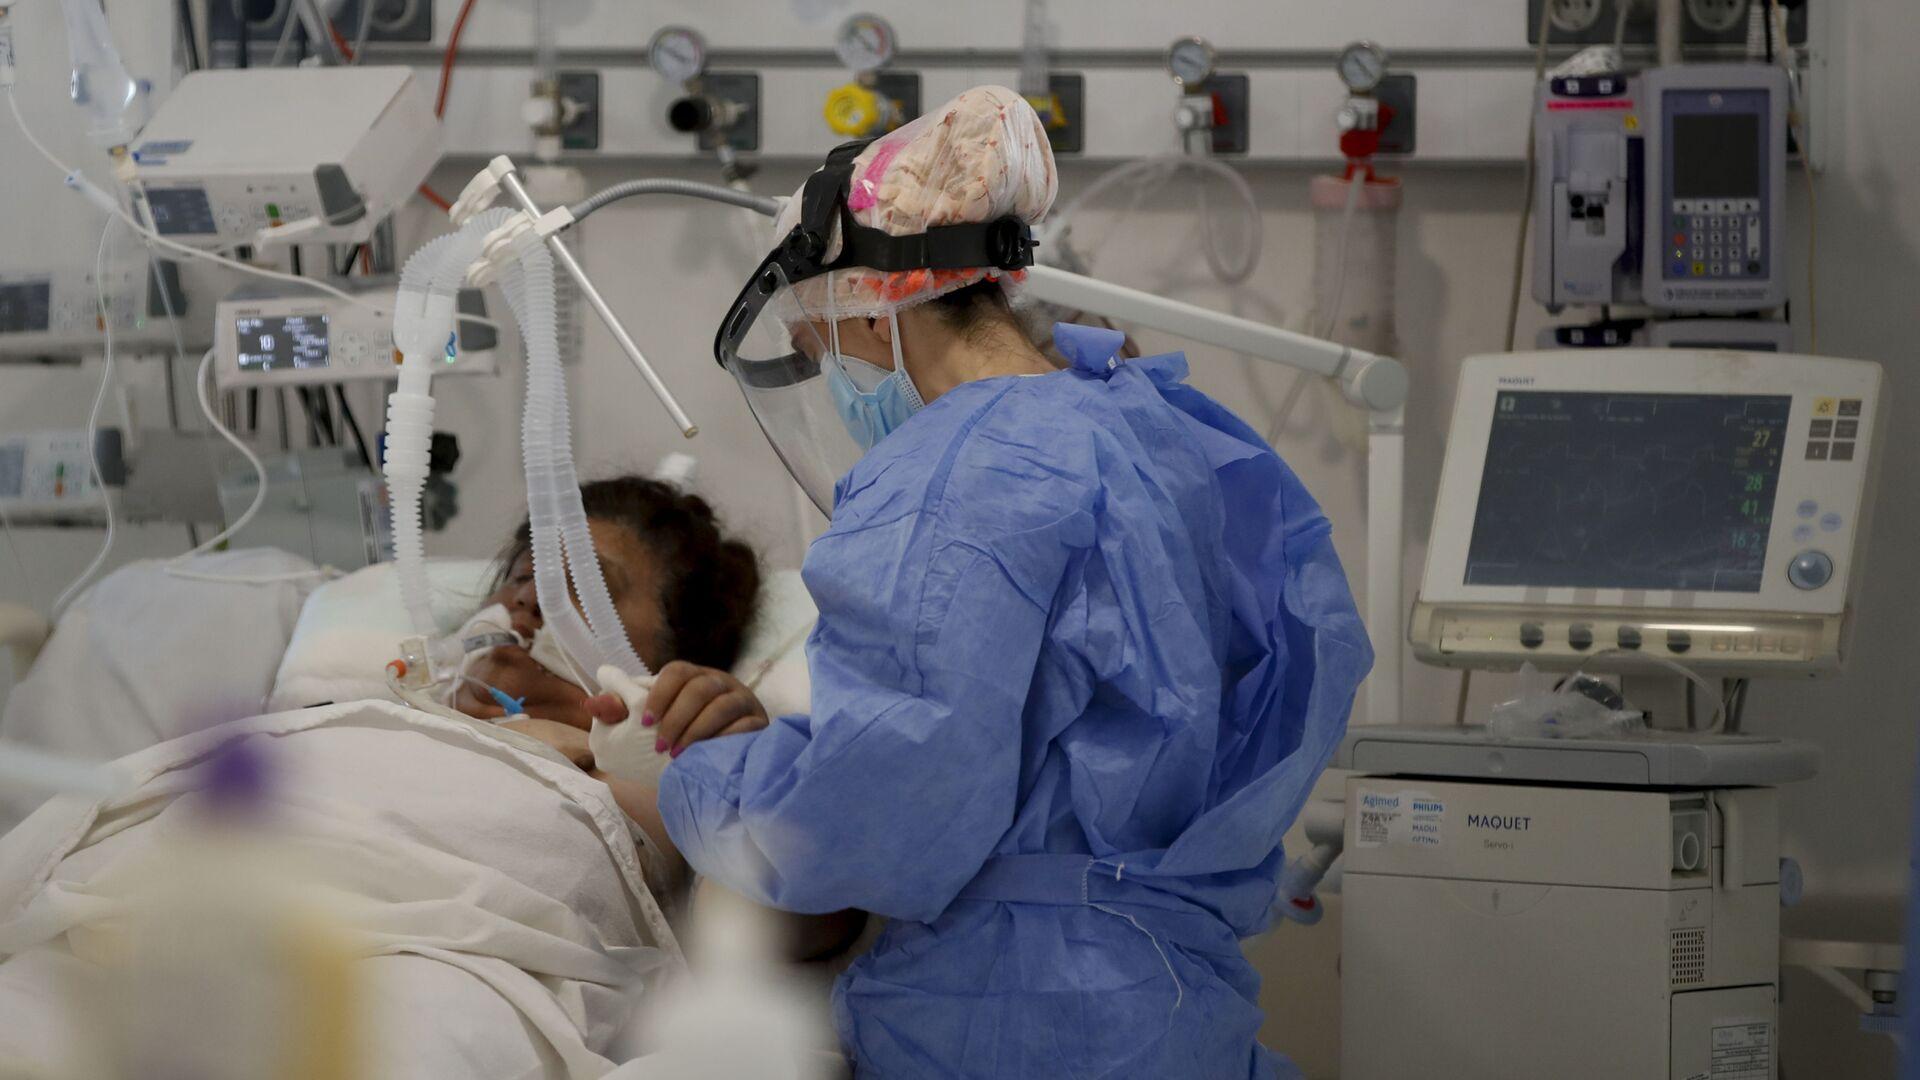 Una trabajadora de la salud atiende a un paciente en una unidad de cuidados intensivos designada para personas infectadas con coronavirus en un hospital en Buenos Aires (Argentina) - Sputnik Mundo, 1920, 14.04.2021